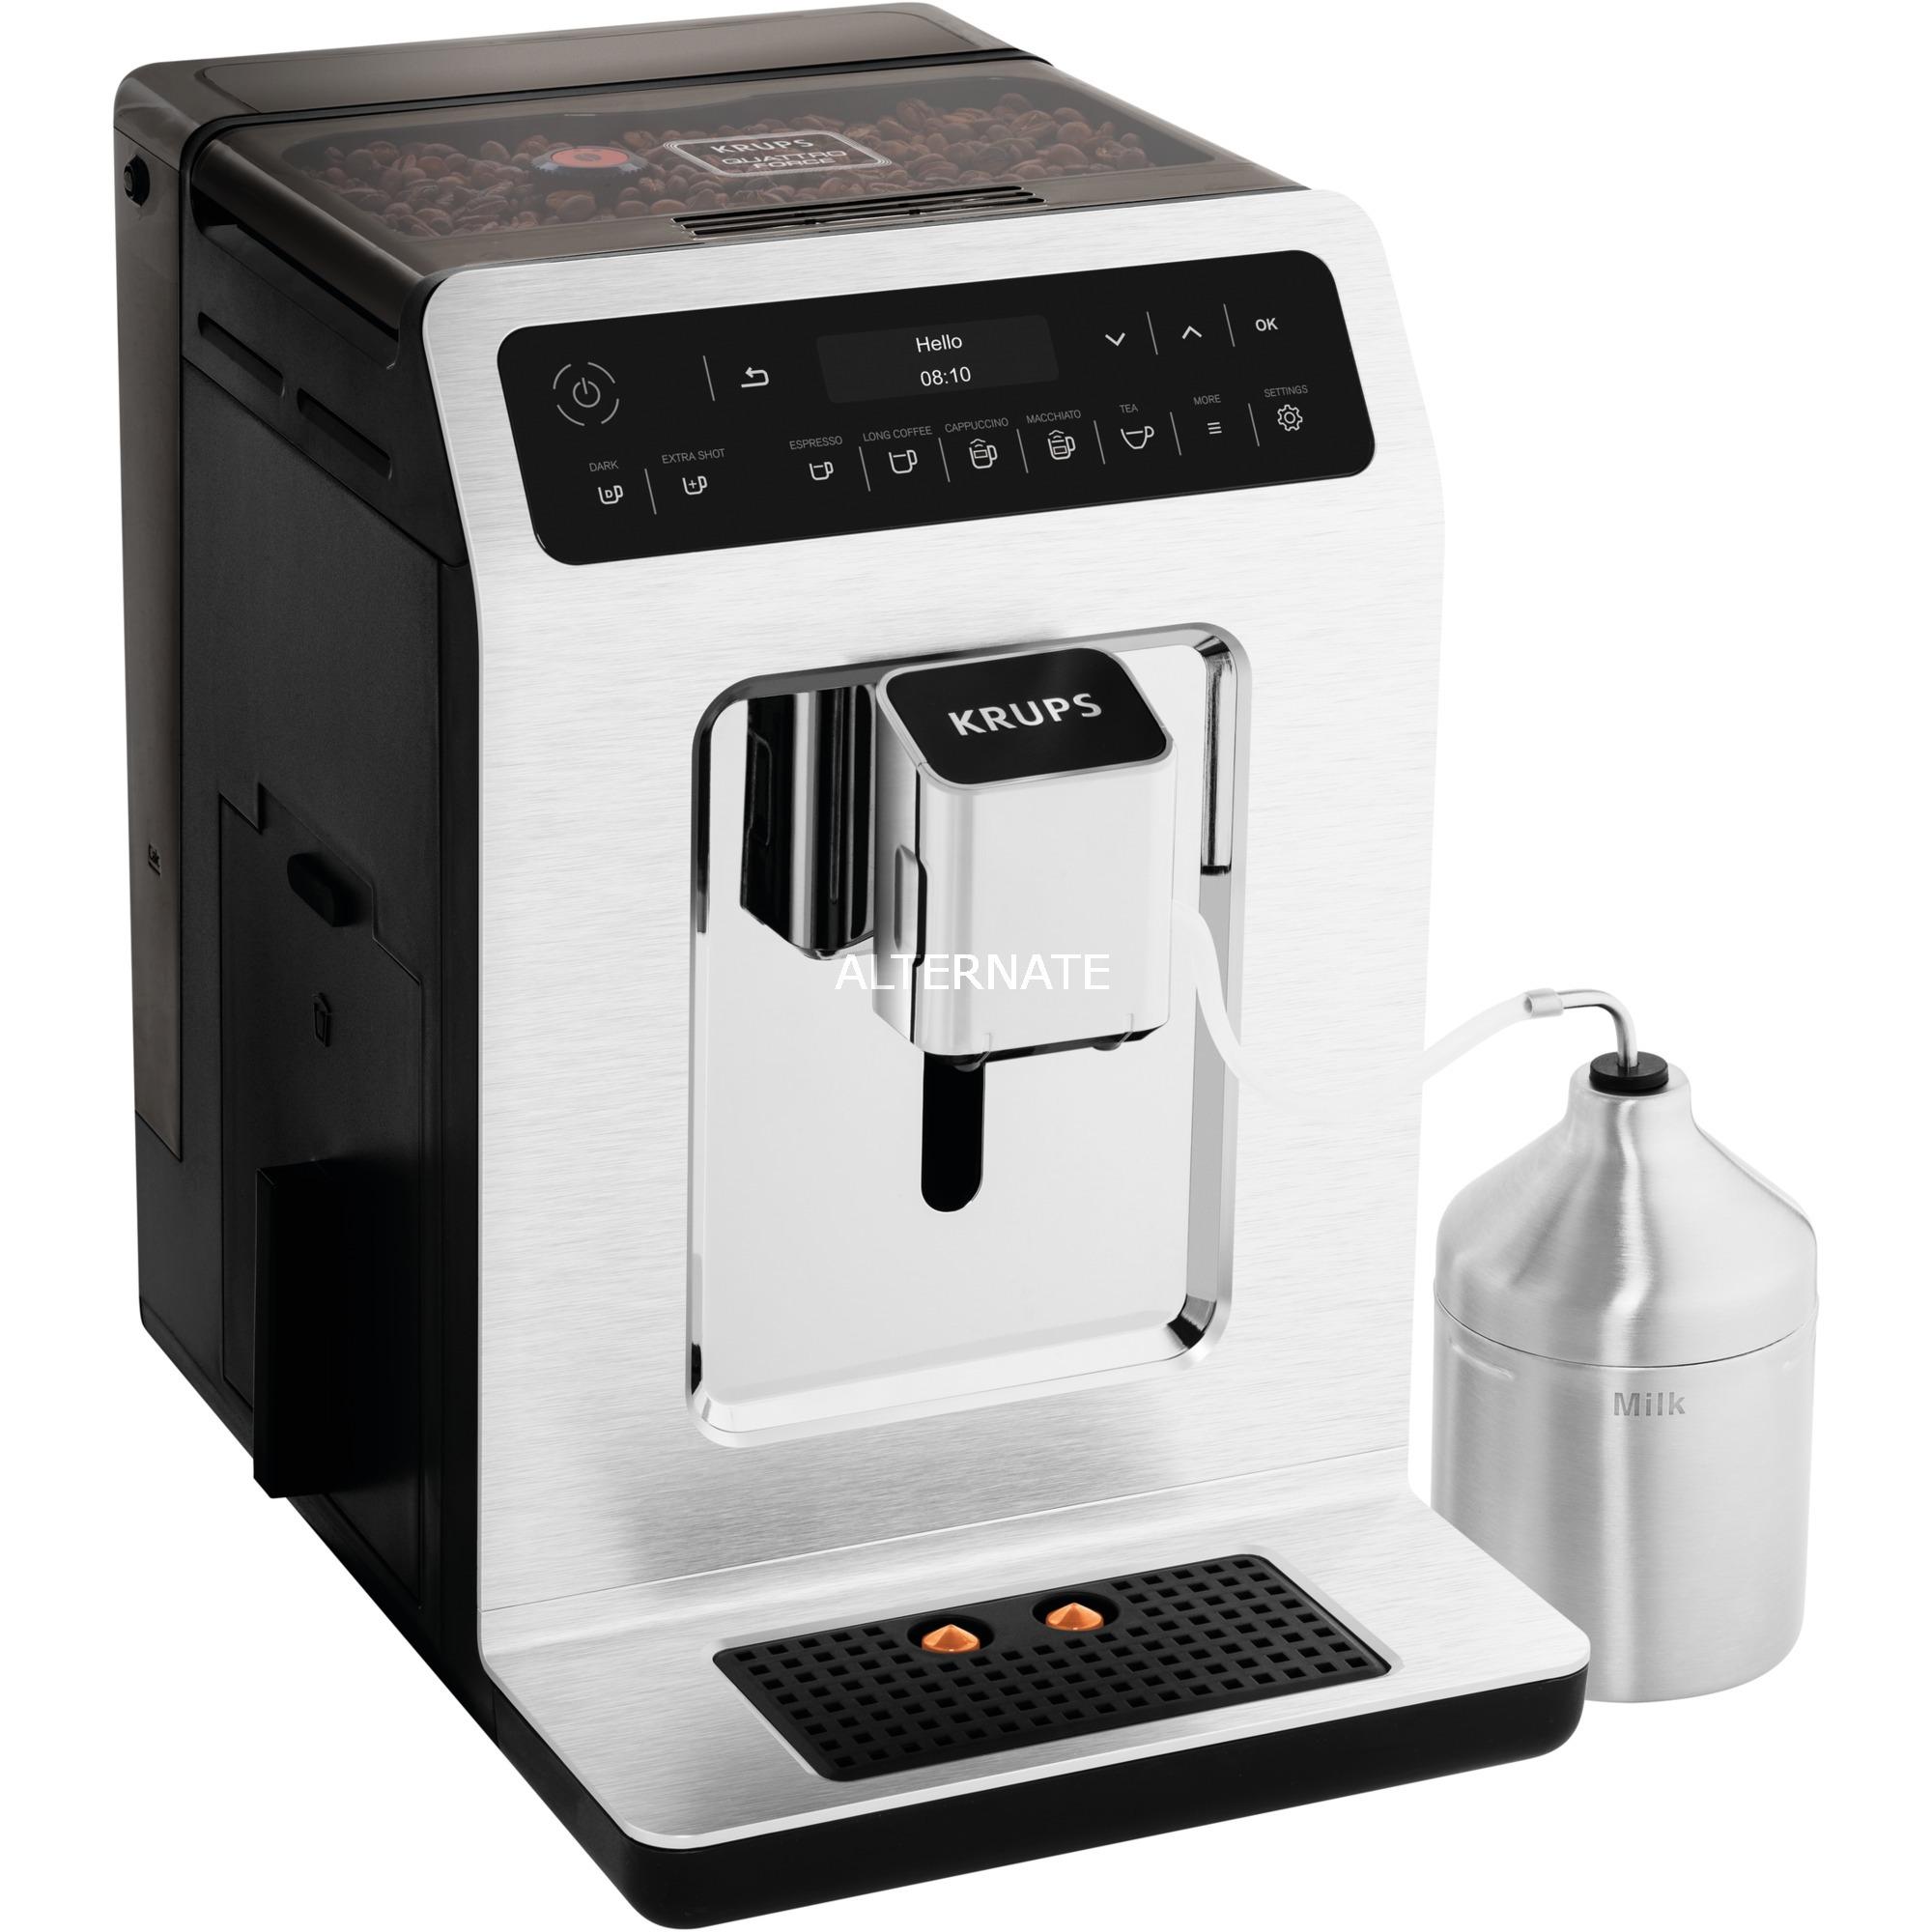 Evidence EA891C cafetera eléctrica Independiente Máquina espresso Cromo, Metálico 2,3 L 2 tazas Totalmente automática, Superautomática